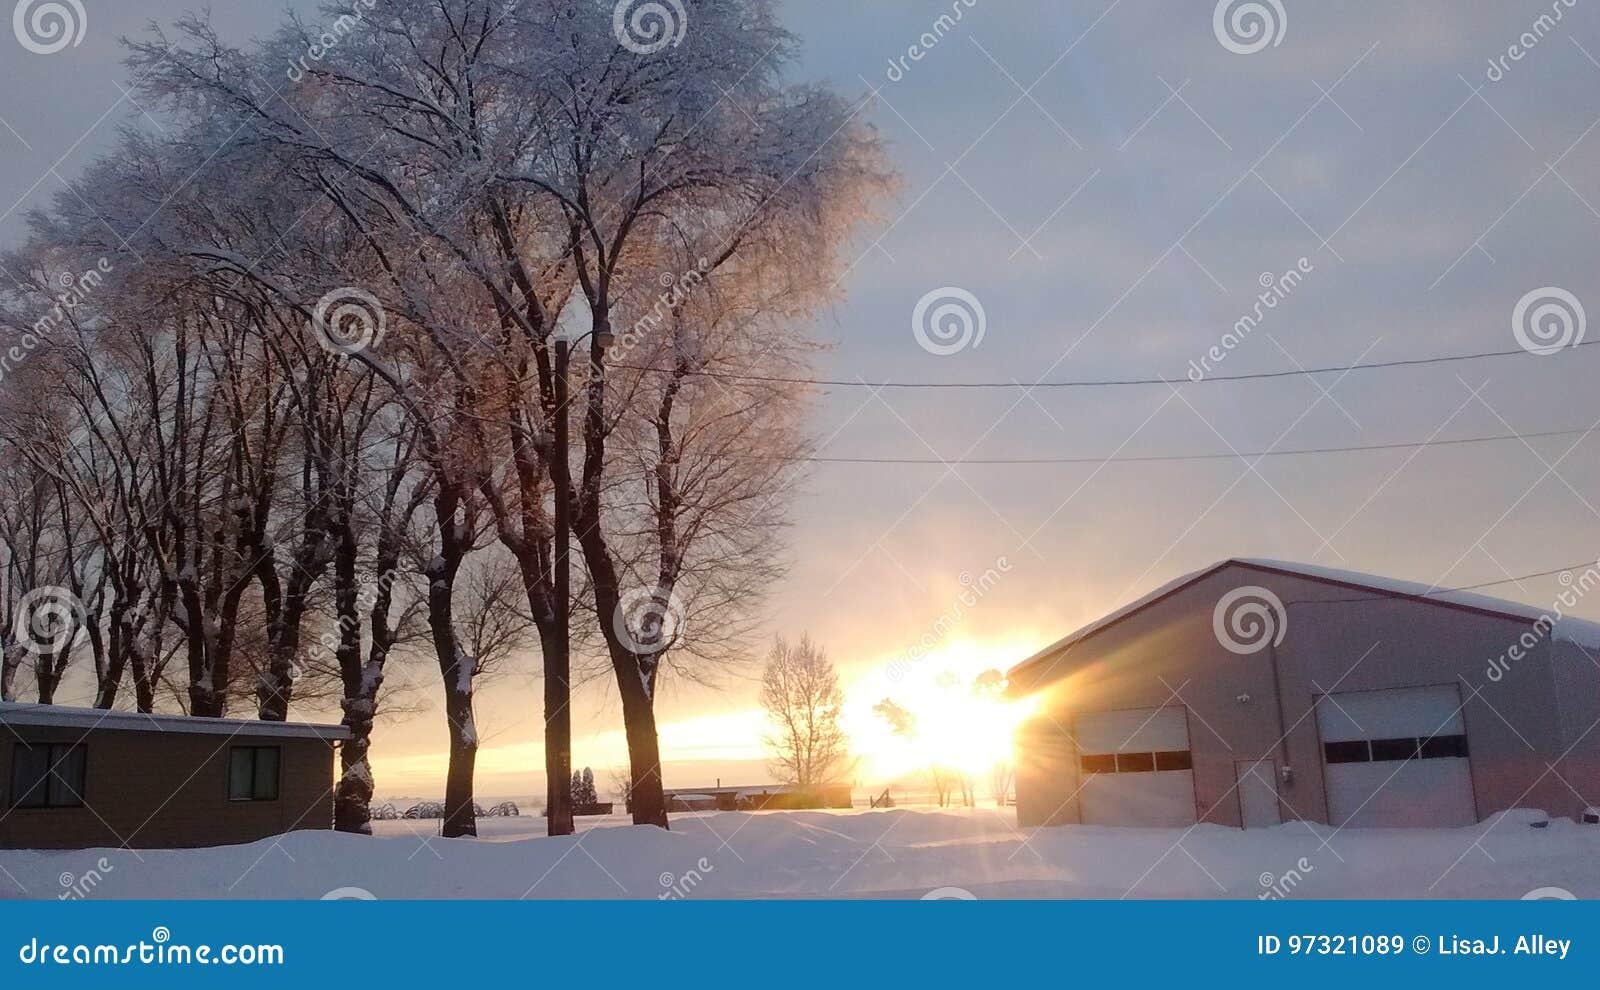 Central Oregon snowy sunset farm